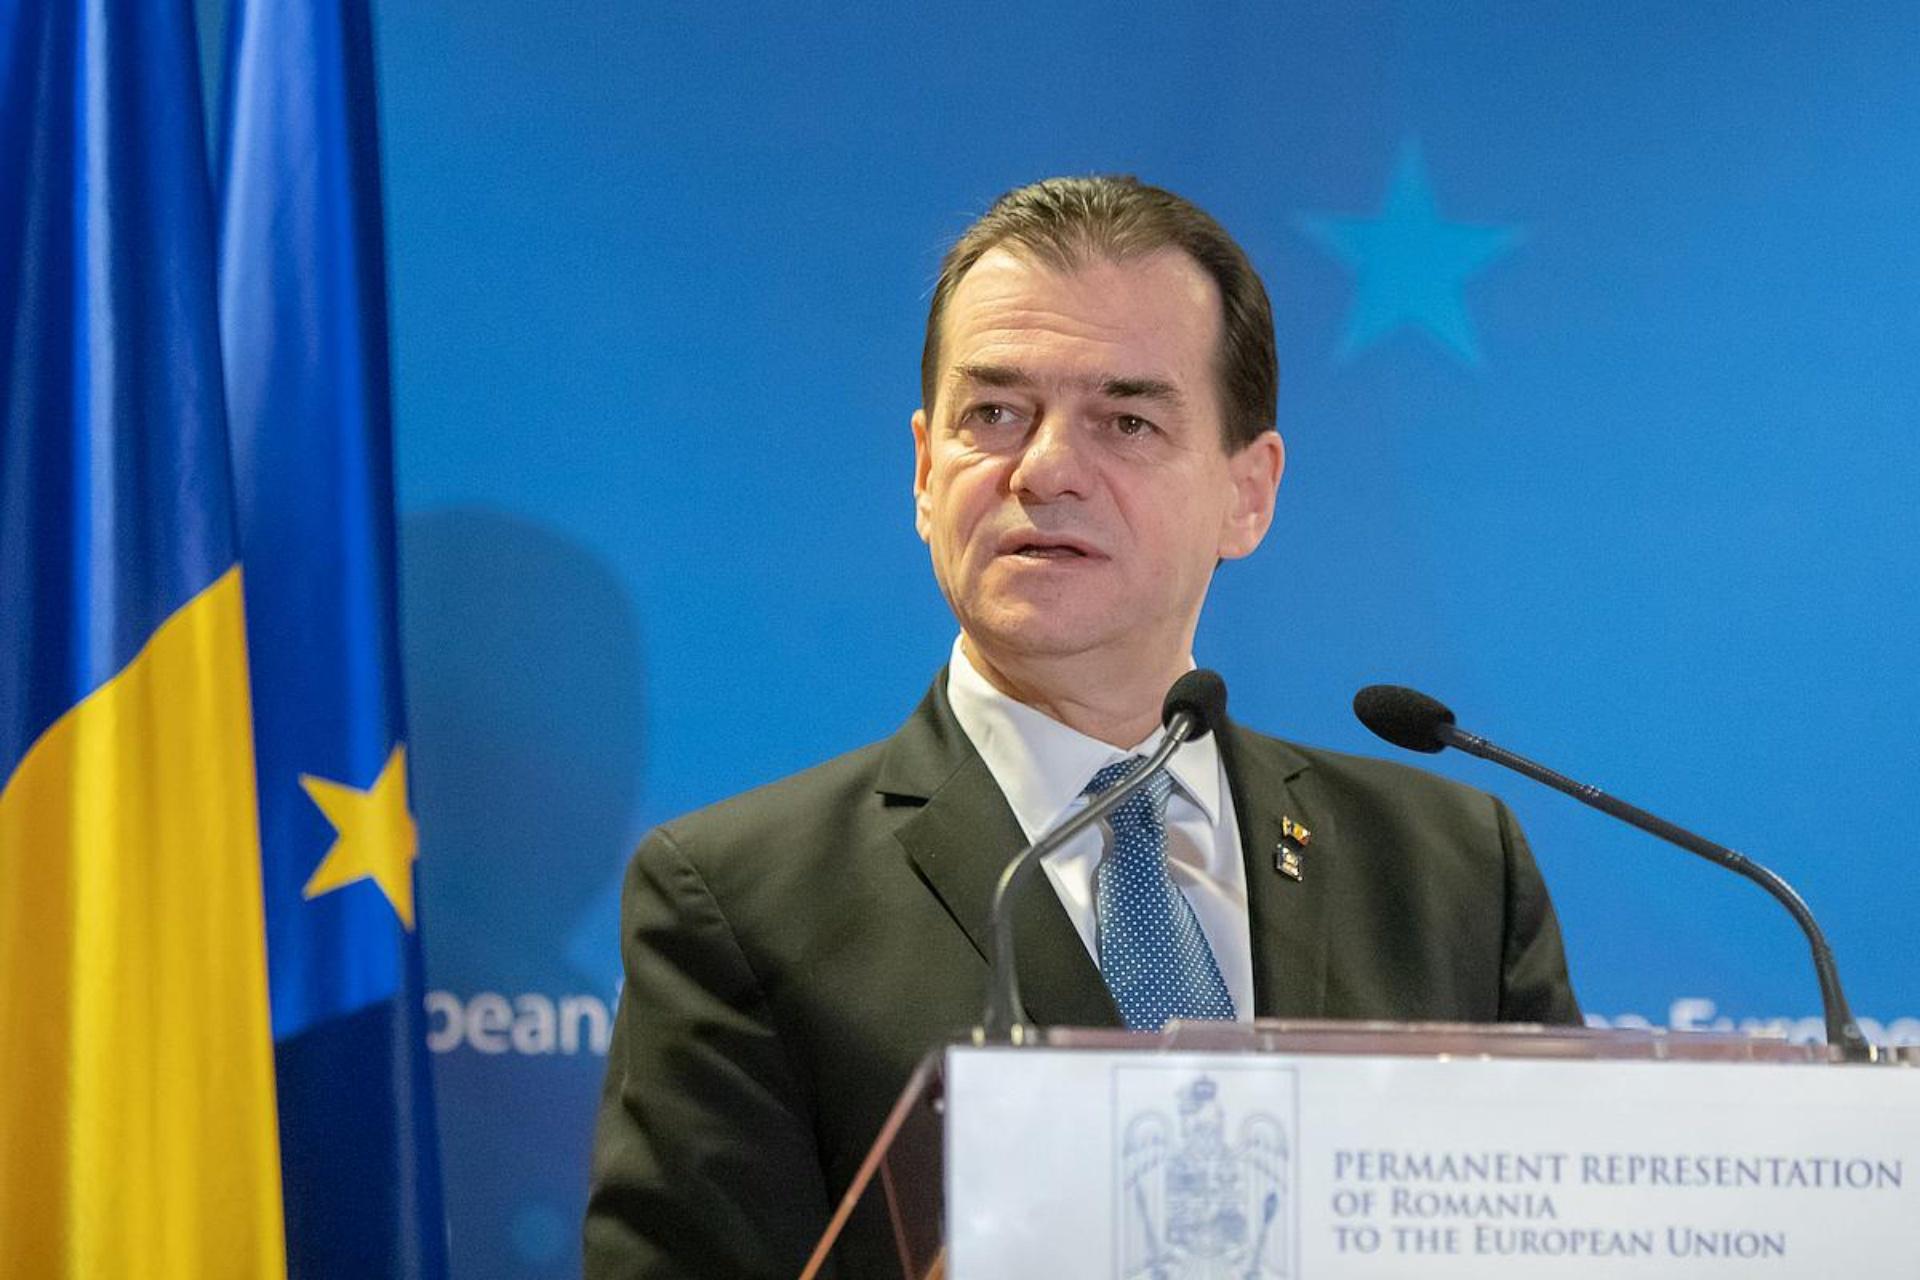 Guvernul a aprobat carantina și izolarea. Orban cere Parlamentului vot în procedură de urgență